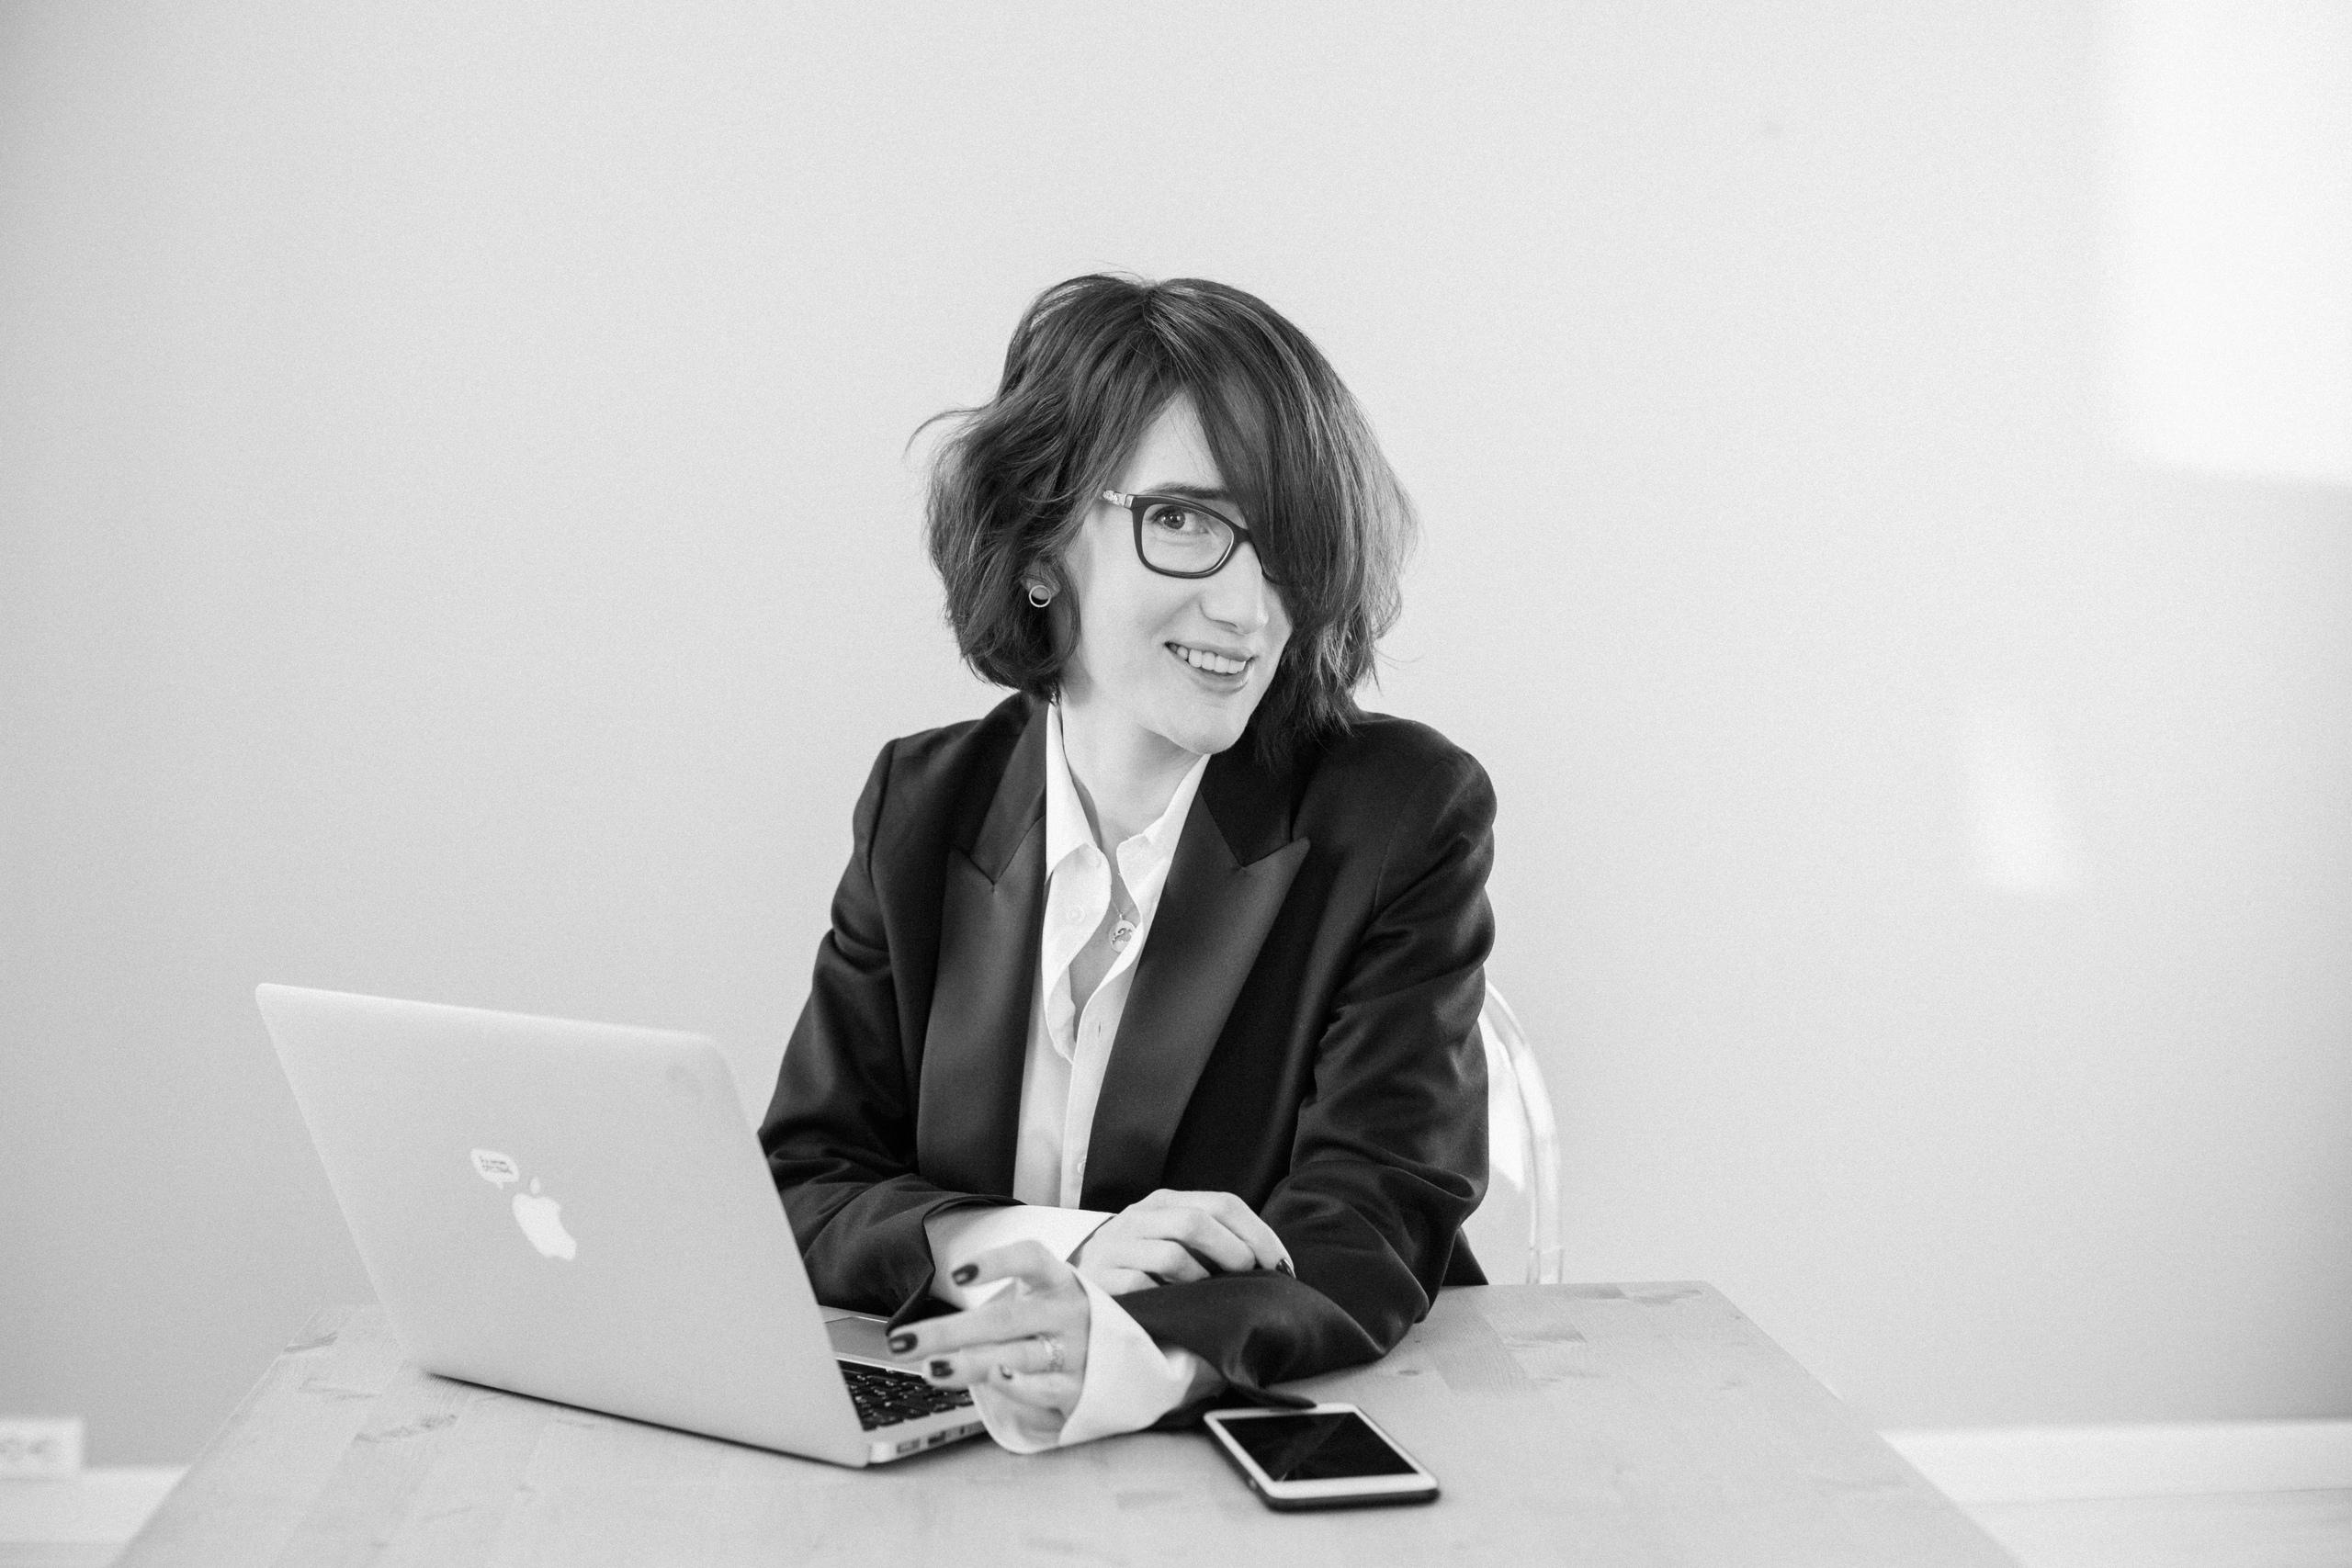 Наталия Франкель: «Главное — в любой ситуации хорошо делать своё дело»